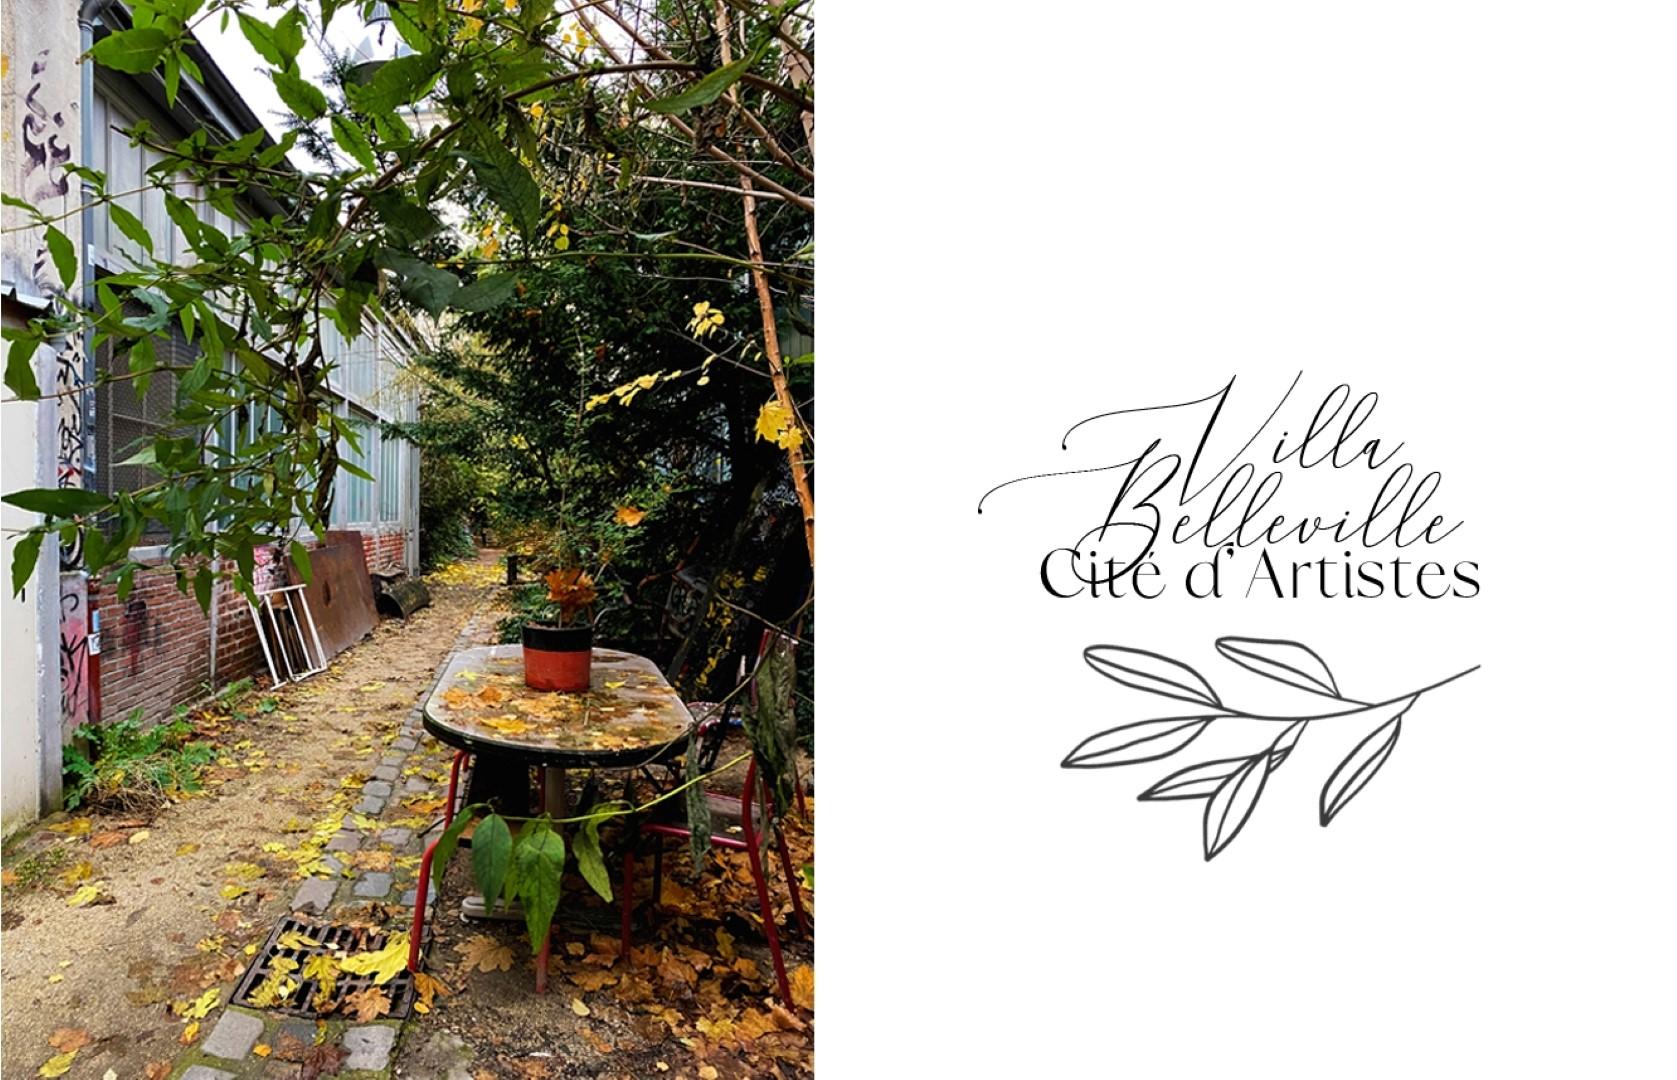 Balade le long de la rue de Belleville - Cours cachées - Villa Belleville